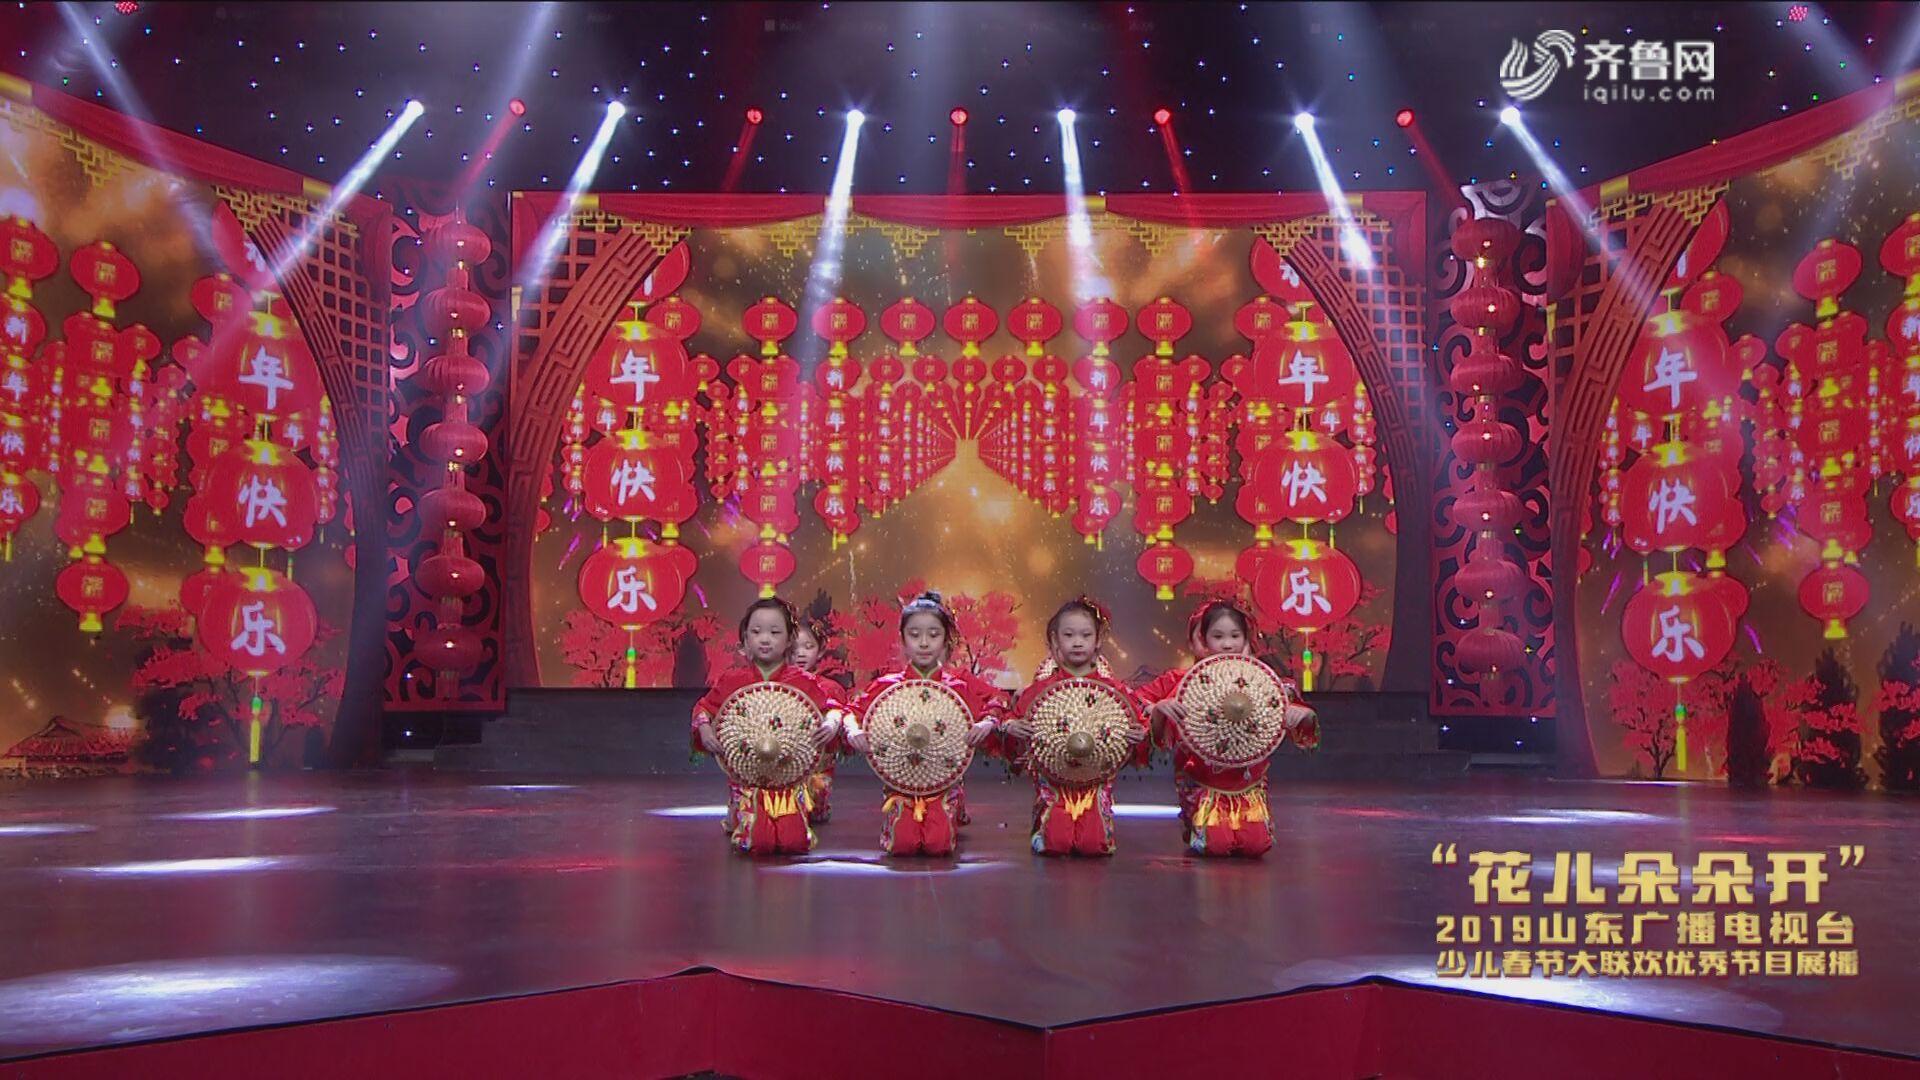 舞蹈《年年年 幸福年》——2019山东广播电视台少儿春节大联欢优秀节目展播